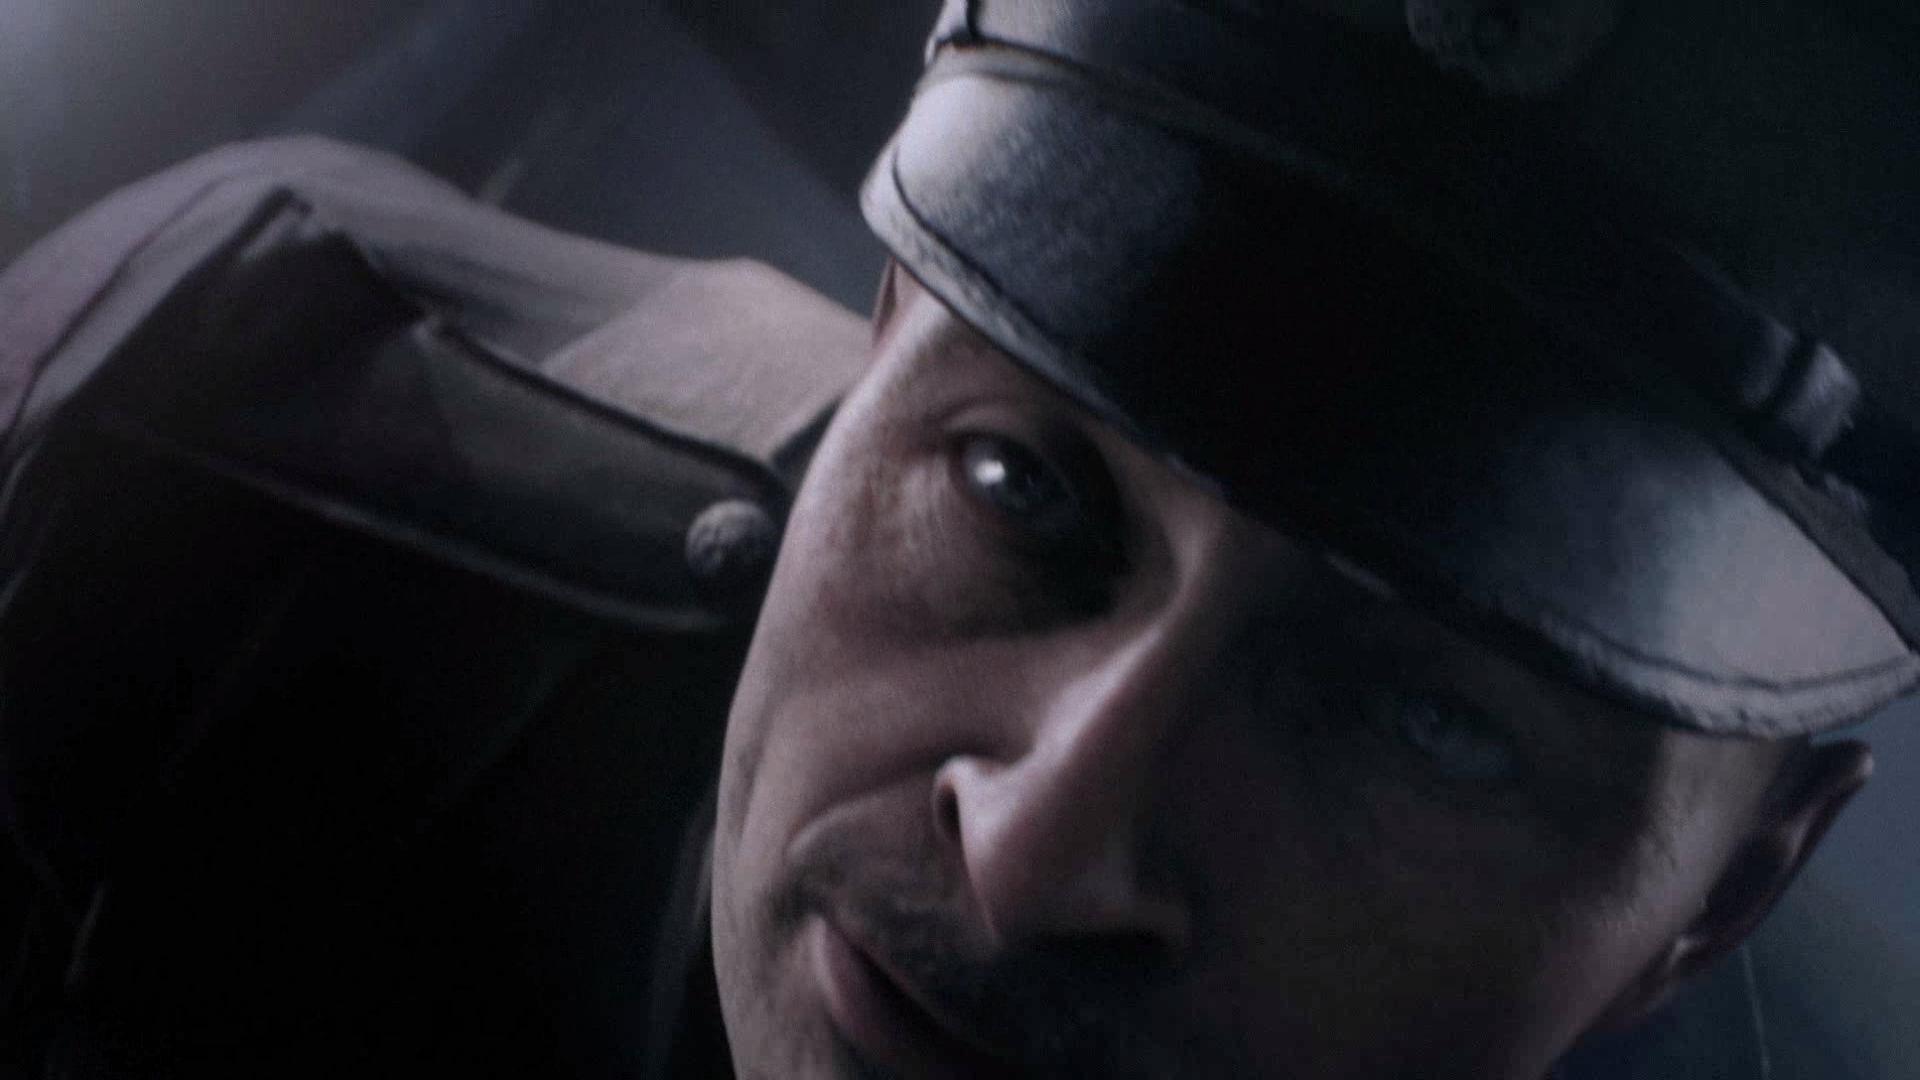 수정됨_Battlefield 1 2016.10.13 - 19.53.17.46.jpg